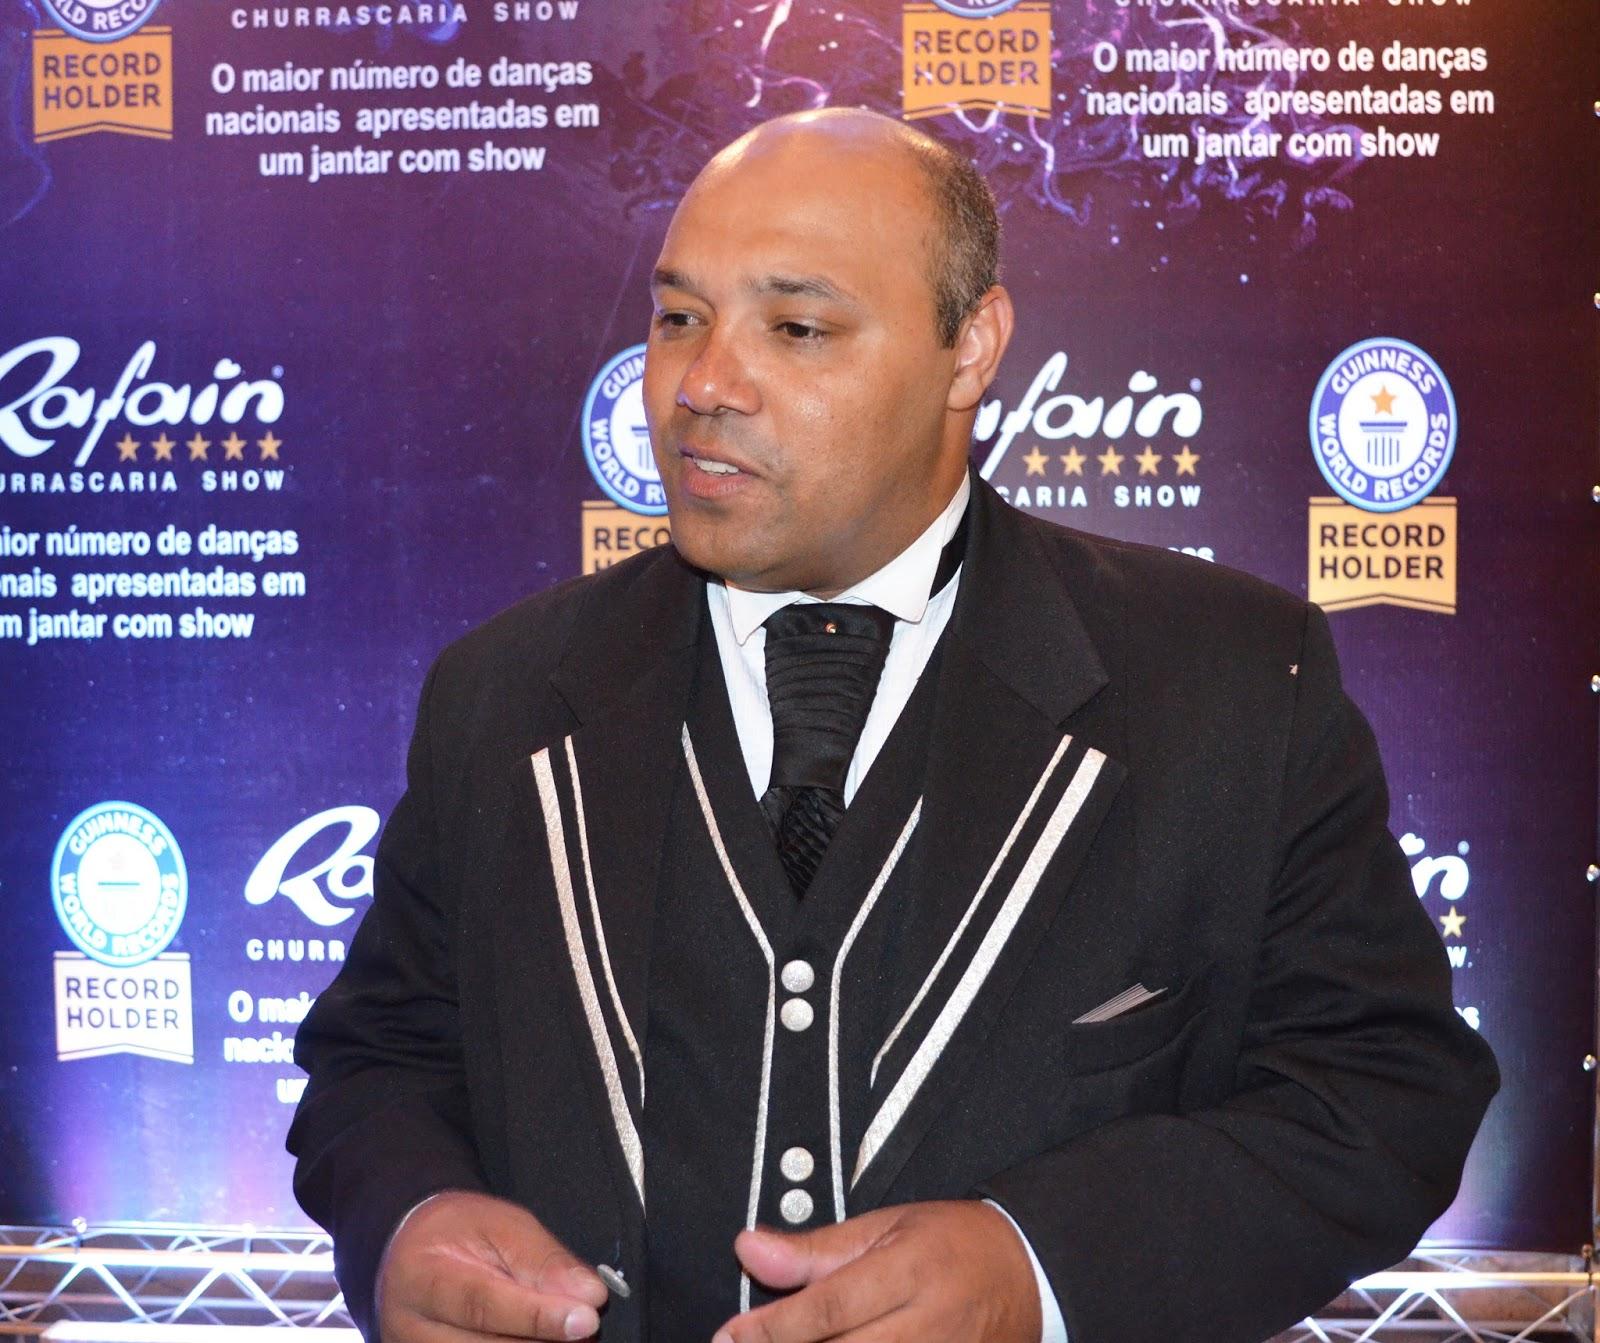 Resultado de imagen para Churrascaría Rafain premio Panorama de Turismo Profesional